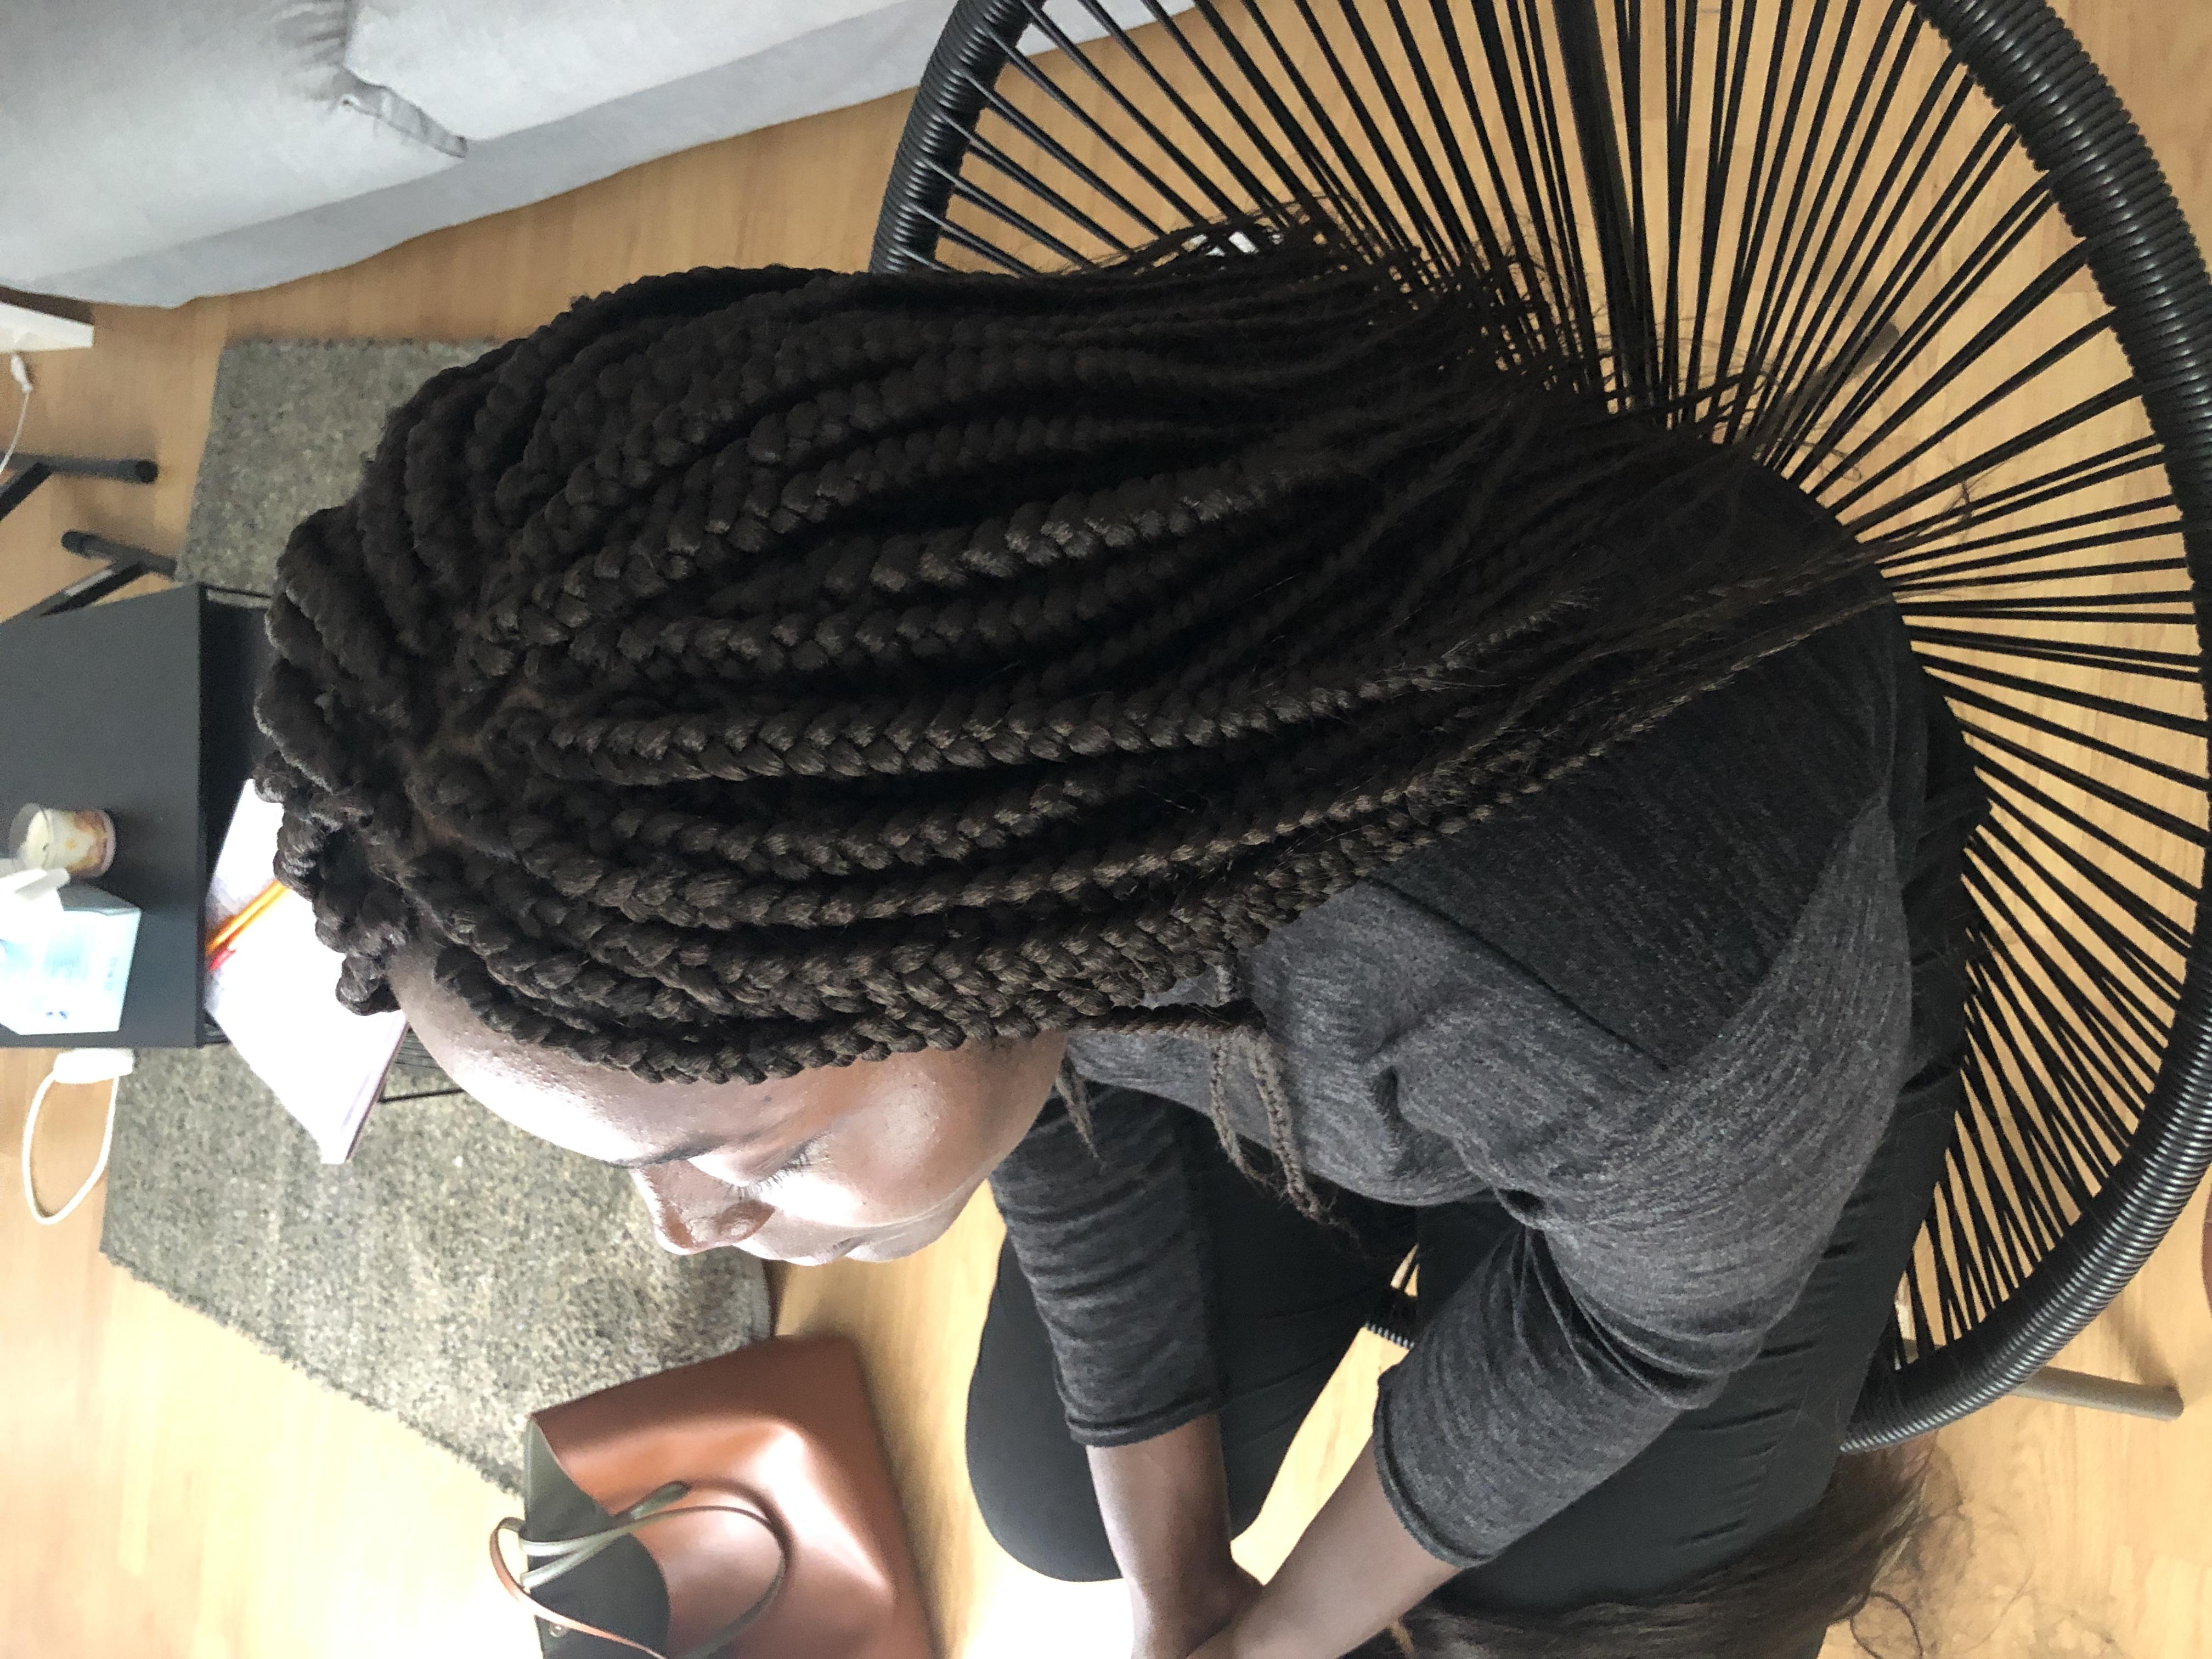 salon de coiffure afro tresse tresses box braids crochet braids vanilles tissages paris 75 77 78 91 92 93 94 95 FTVCIZDQ